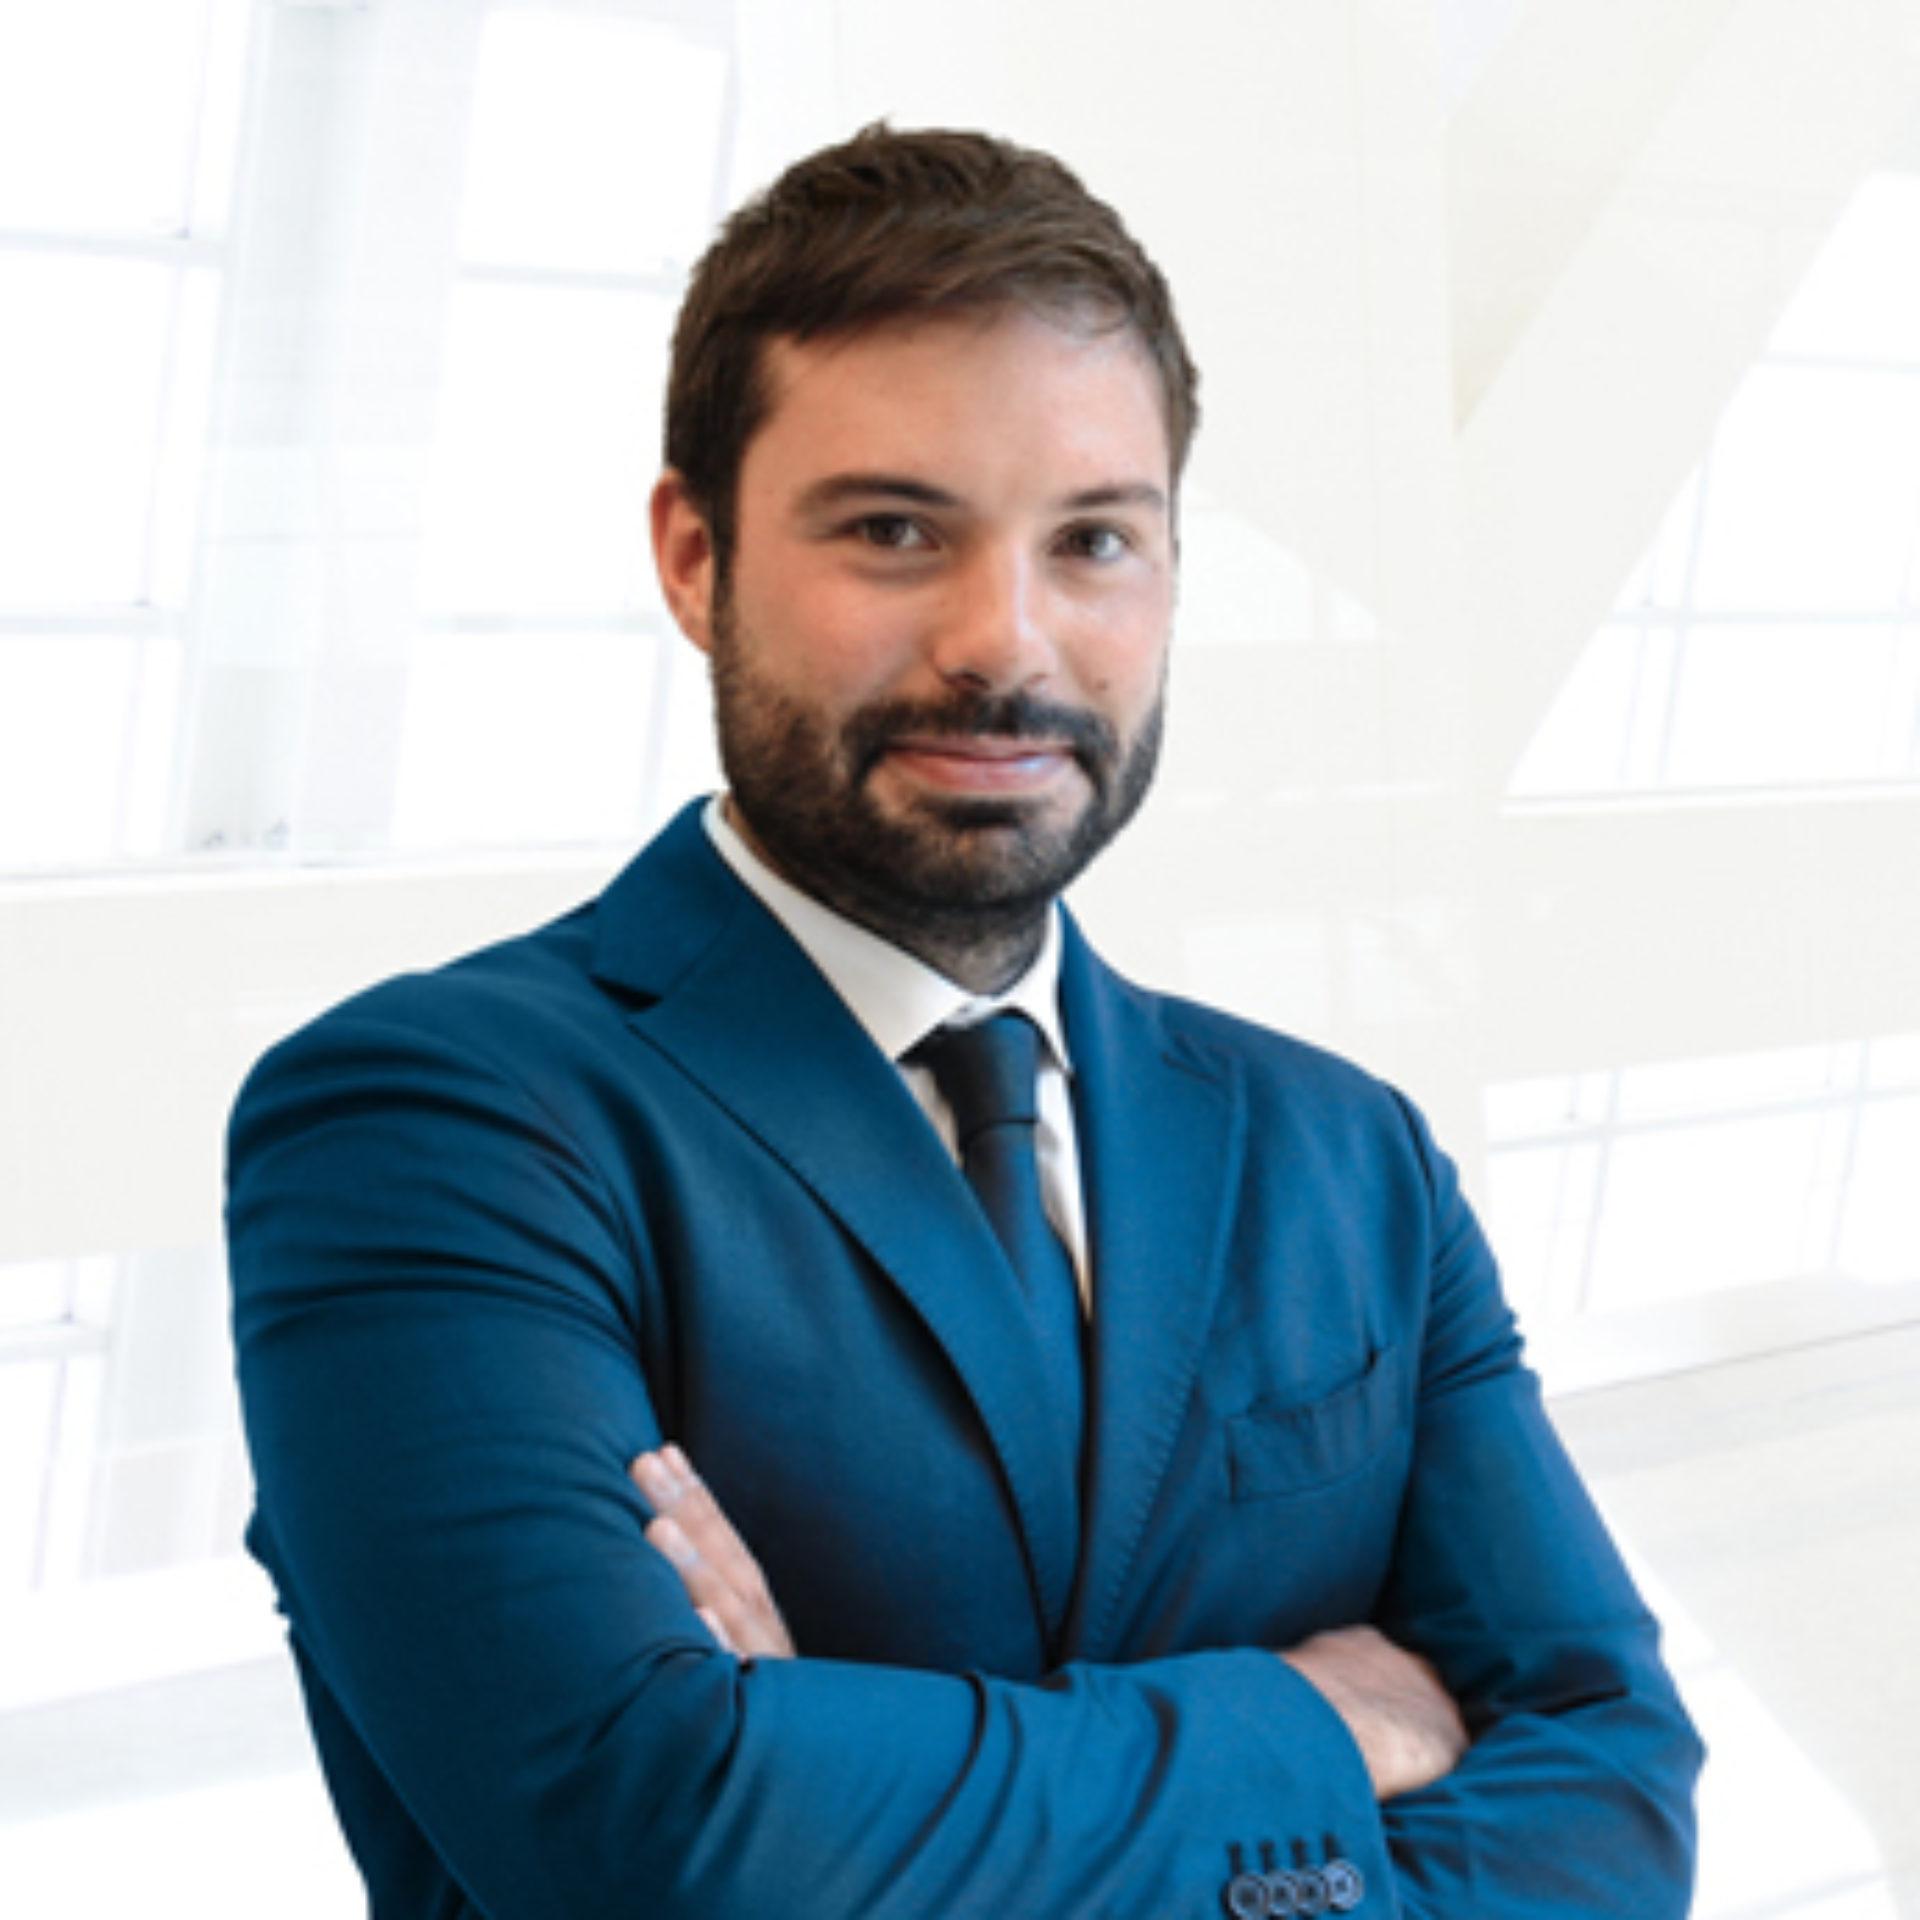 Photo of Isacco Chiari